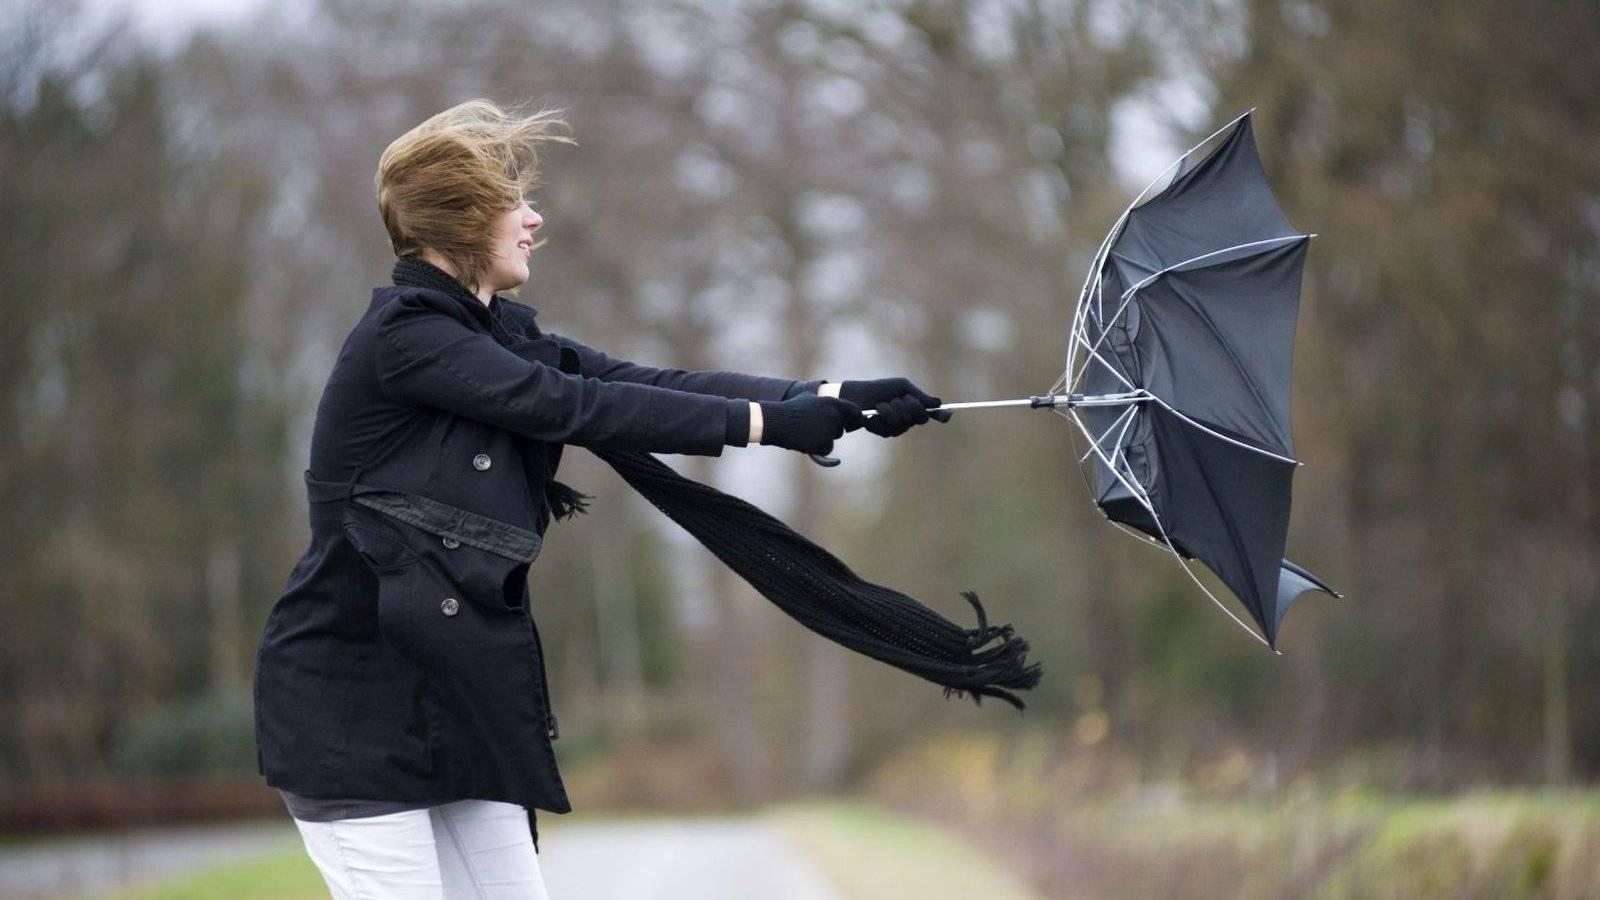 На Брянщине из-за сильного ветра объявлен «желтый» уровень опасности